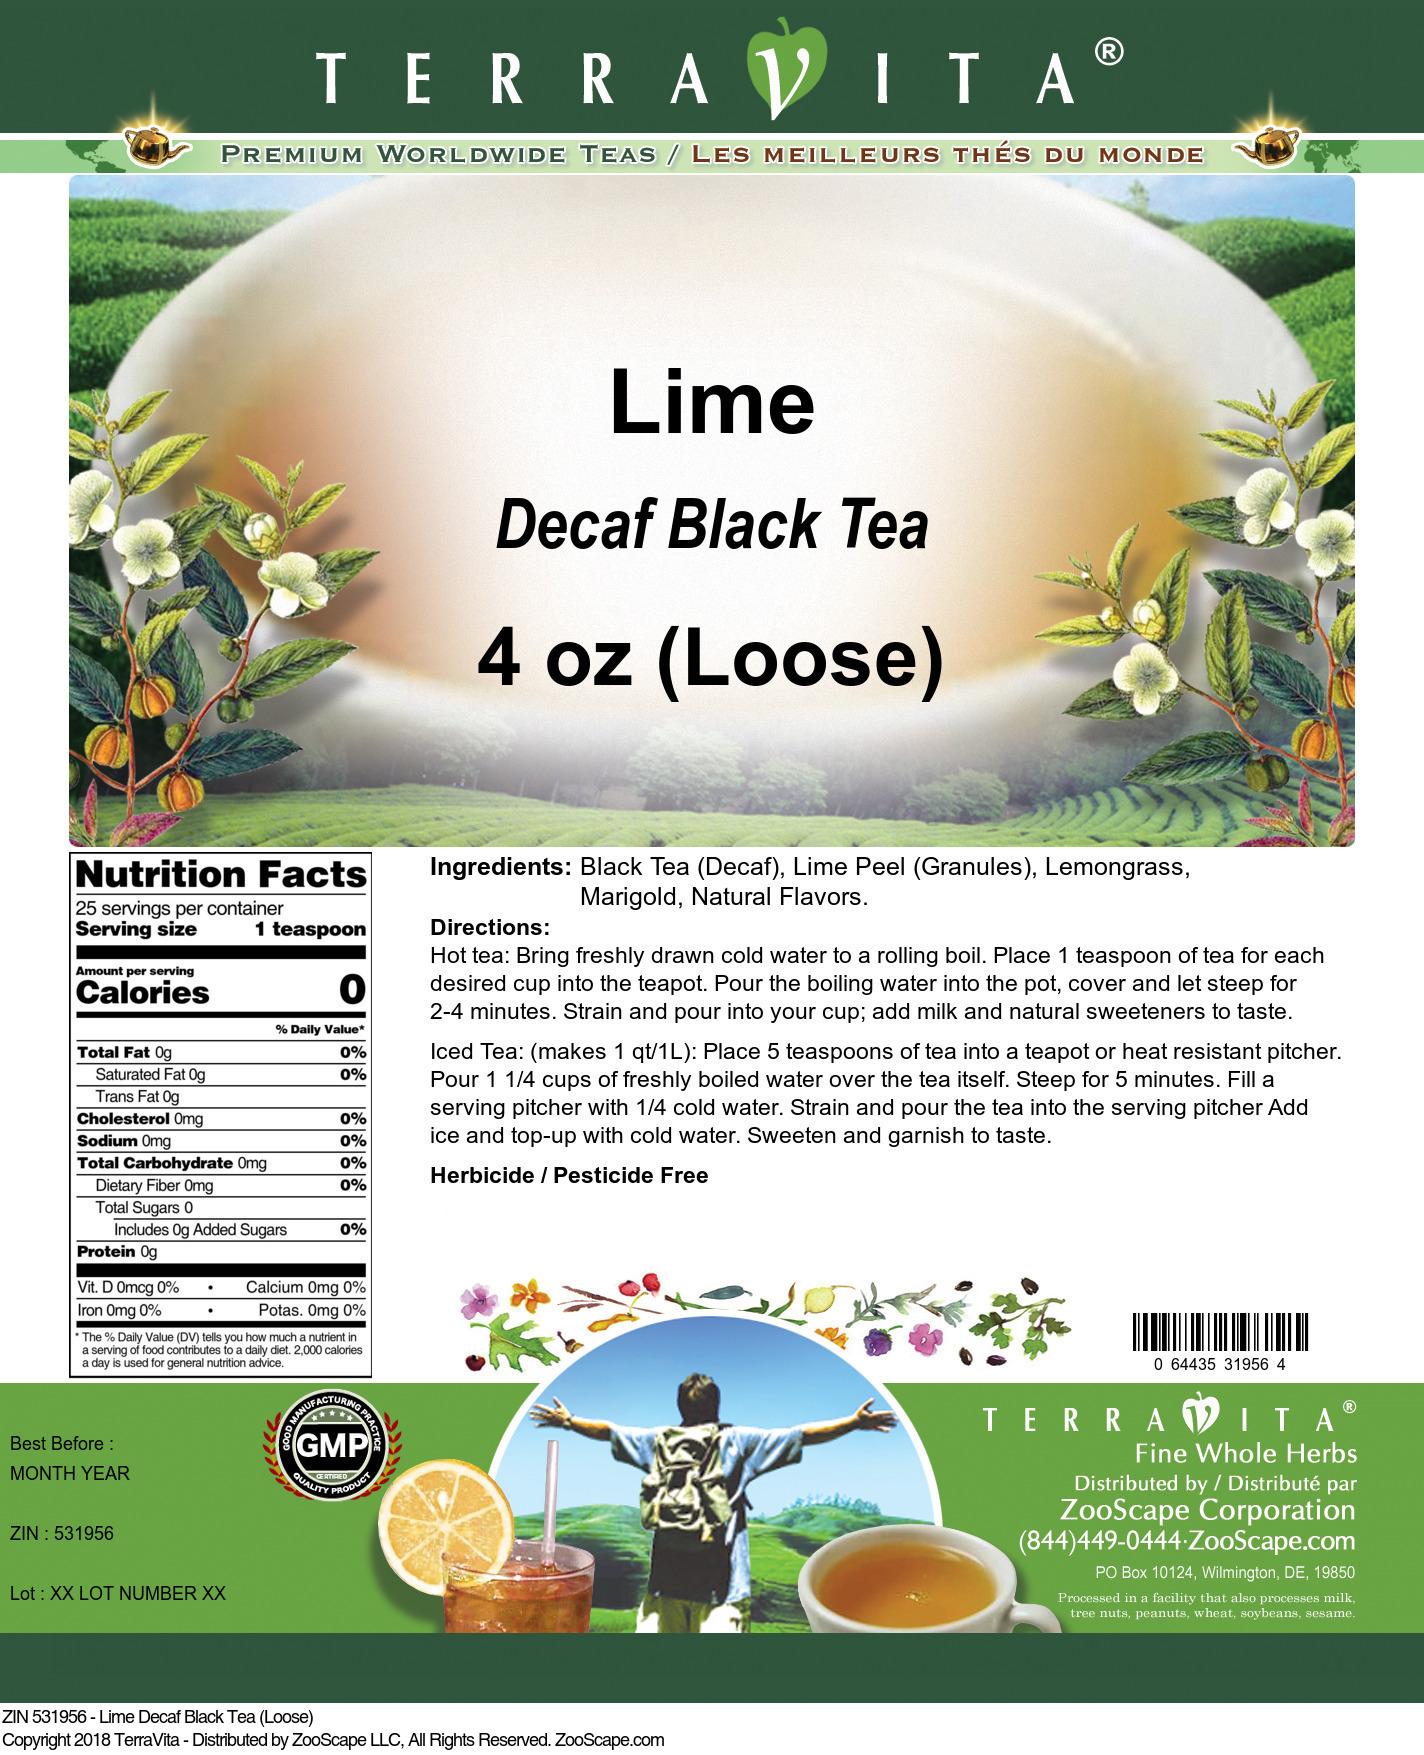 Lime Decaf Black Tea